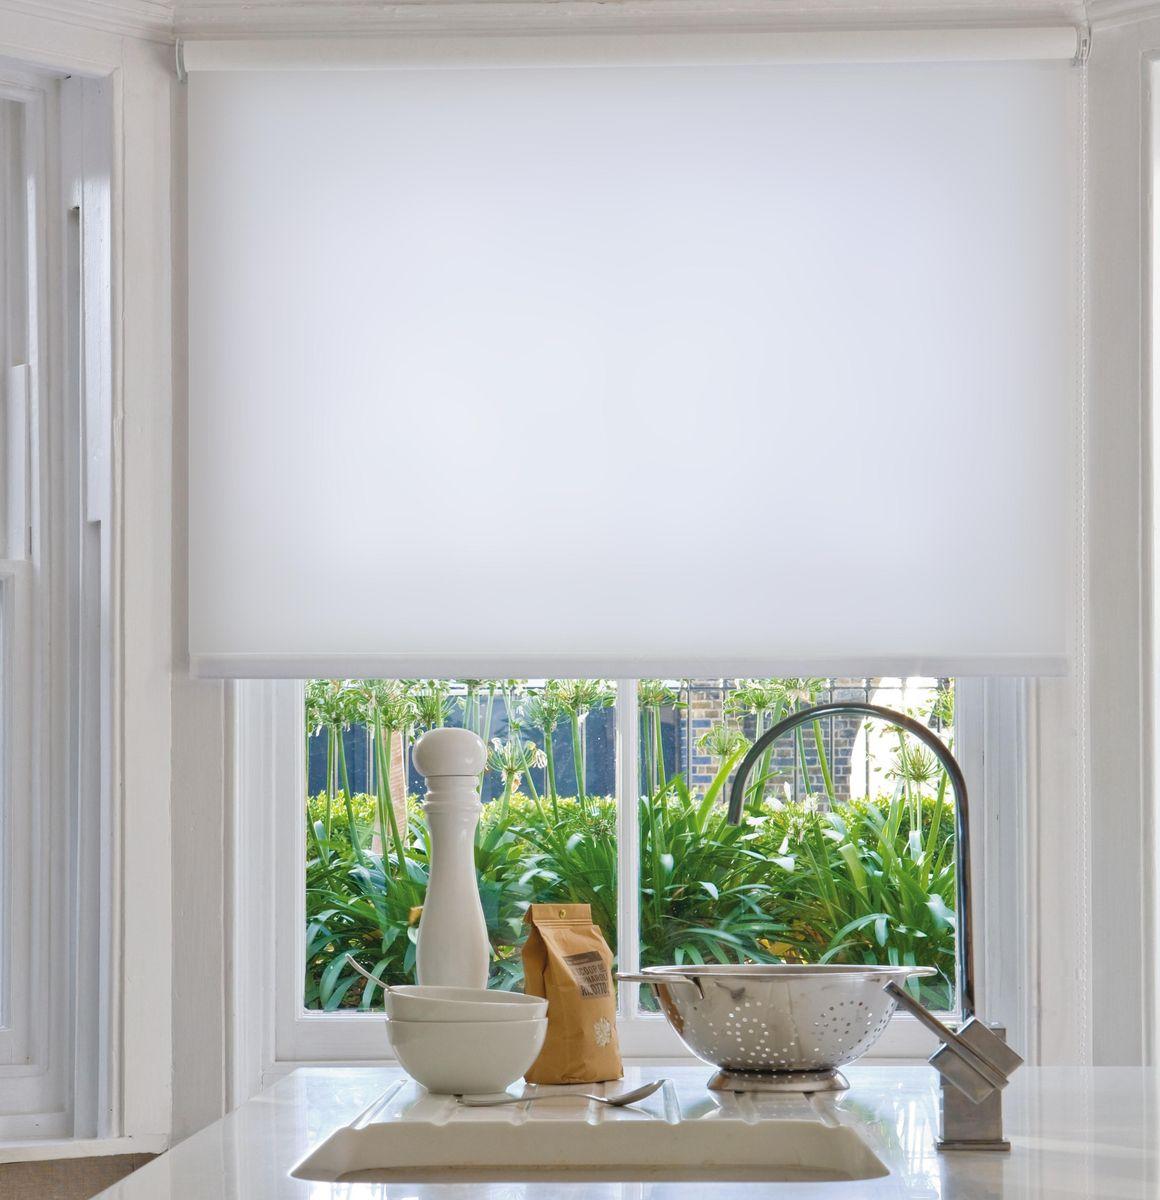 Штора рулонная Эскар, цвет: белый, ширина 140 см, высота 170 смK100Рулонными шторами Эскар можно оформлять окна как самостоятельно, так и использовать в комбинации с портьерами. Это поможет предотвратить выгорание дорогой ткани на солнце и соединит функционал рулонных с красотой навесных. Преимущества применения рулонных штор для пластиковых окон: - имеют прекрасный внешний вид: многообразие и фактурность материала изделия отлично смотрятся в любом интерьере;- многофункциональны: есть возможность подобрать шторы способные эффективно защитить комнату от солнца, при этом она не будет слишком темной;- есть возможность осуществить быстрый монтаж.ВНИМАНИЕ! Размеры ширины изделия указаны по ширине ткани! Во время эксплуатации не рекомендуется полностью разматывать рулон, чтобы не оторвать ткань от намоточного вала. В случае загрязнения поверхности ткани, чистку шторы проводят одним из способов, в зависимости от типа загрязнения:легкое поверхностное загрязнение можно удалить при помощи канцелярского ластика;чистка от пыли производится сухим методом при помощи пылесоса с мягкой щеткой-насадкой;для удаления пятна используйте мягкую губку с пенообразующим неагрессивным моющим средством или пятновыводитель на натуральной основе (нельзя применять растворители).